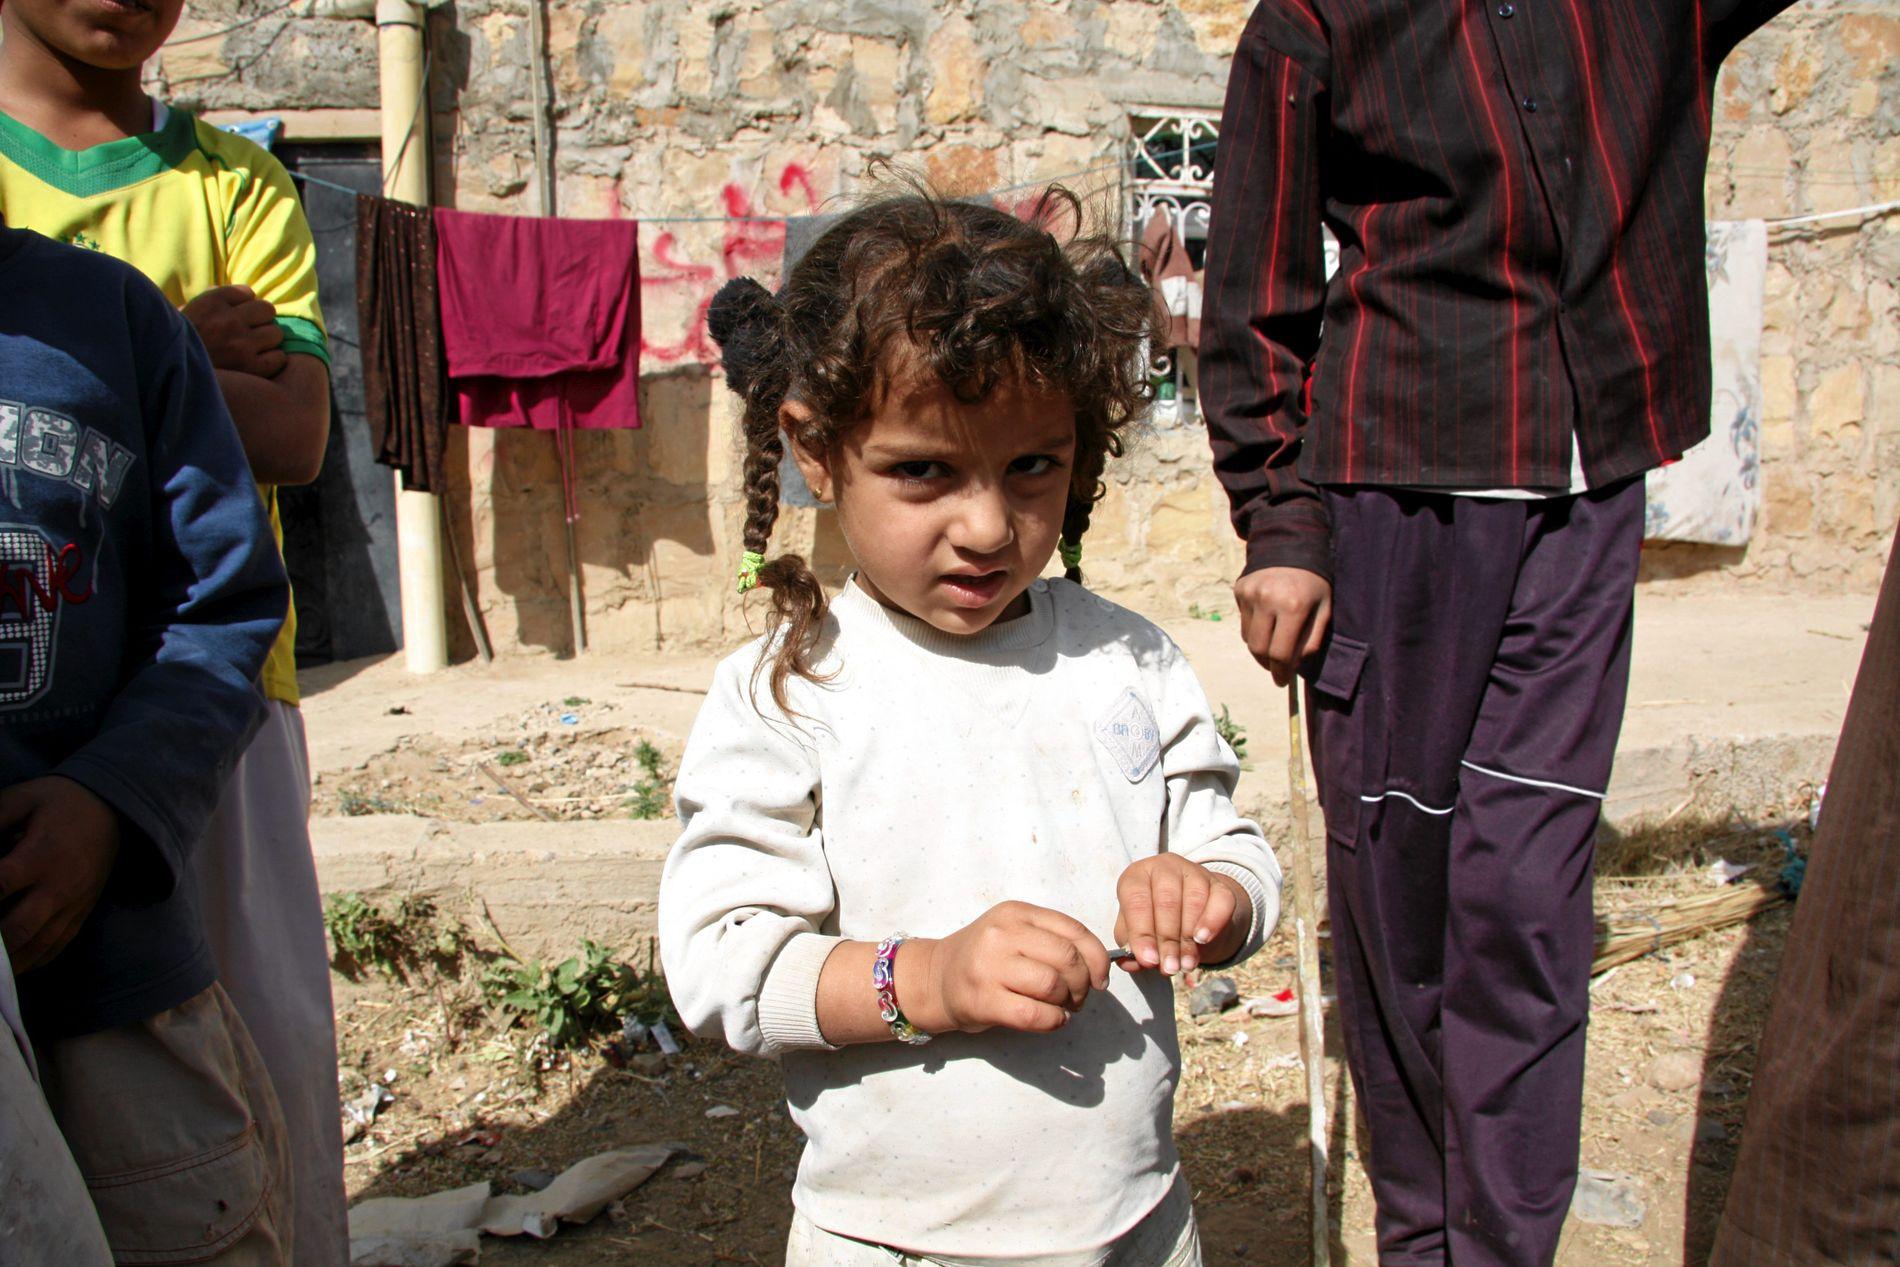 HARDT RAMMET: Krigen i Jemen er brutal, og rammer spesielt barn, skriver stortingsrepresentant Gina Barstad (SV). Bashayer (bildet) og familien ble drevet bort fra huset sitt i landsbyen i landsbyen Domaid nord for Sa'dah by.